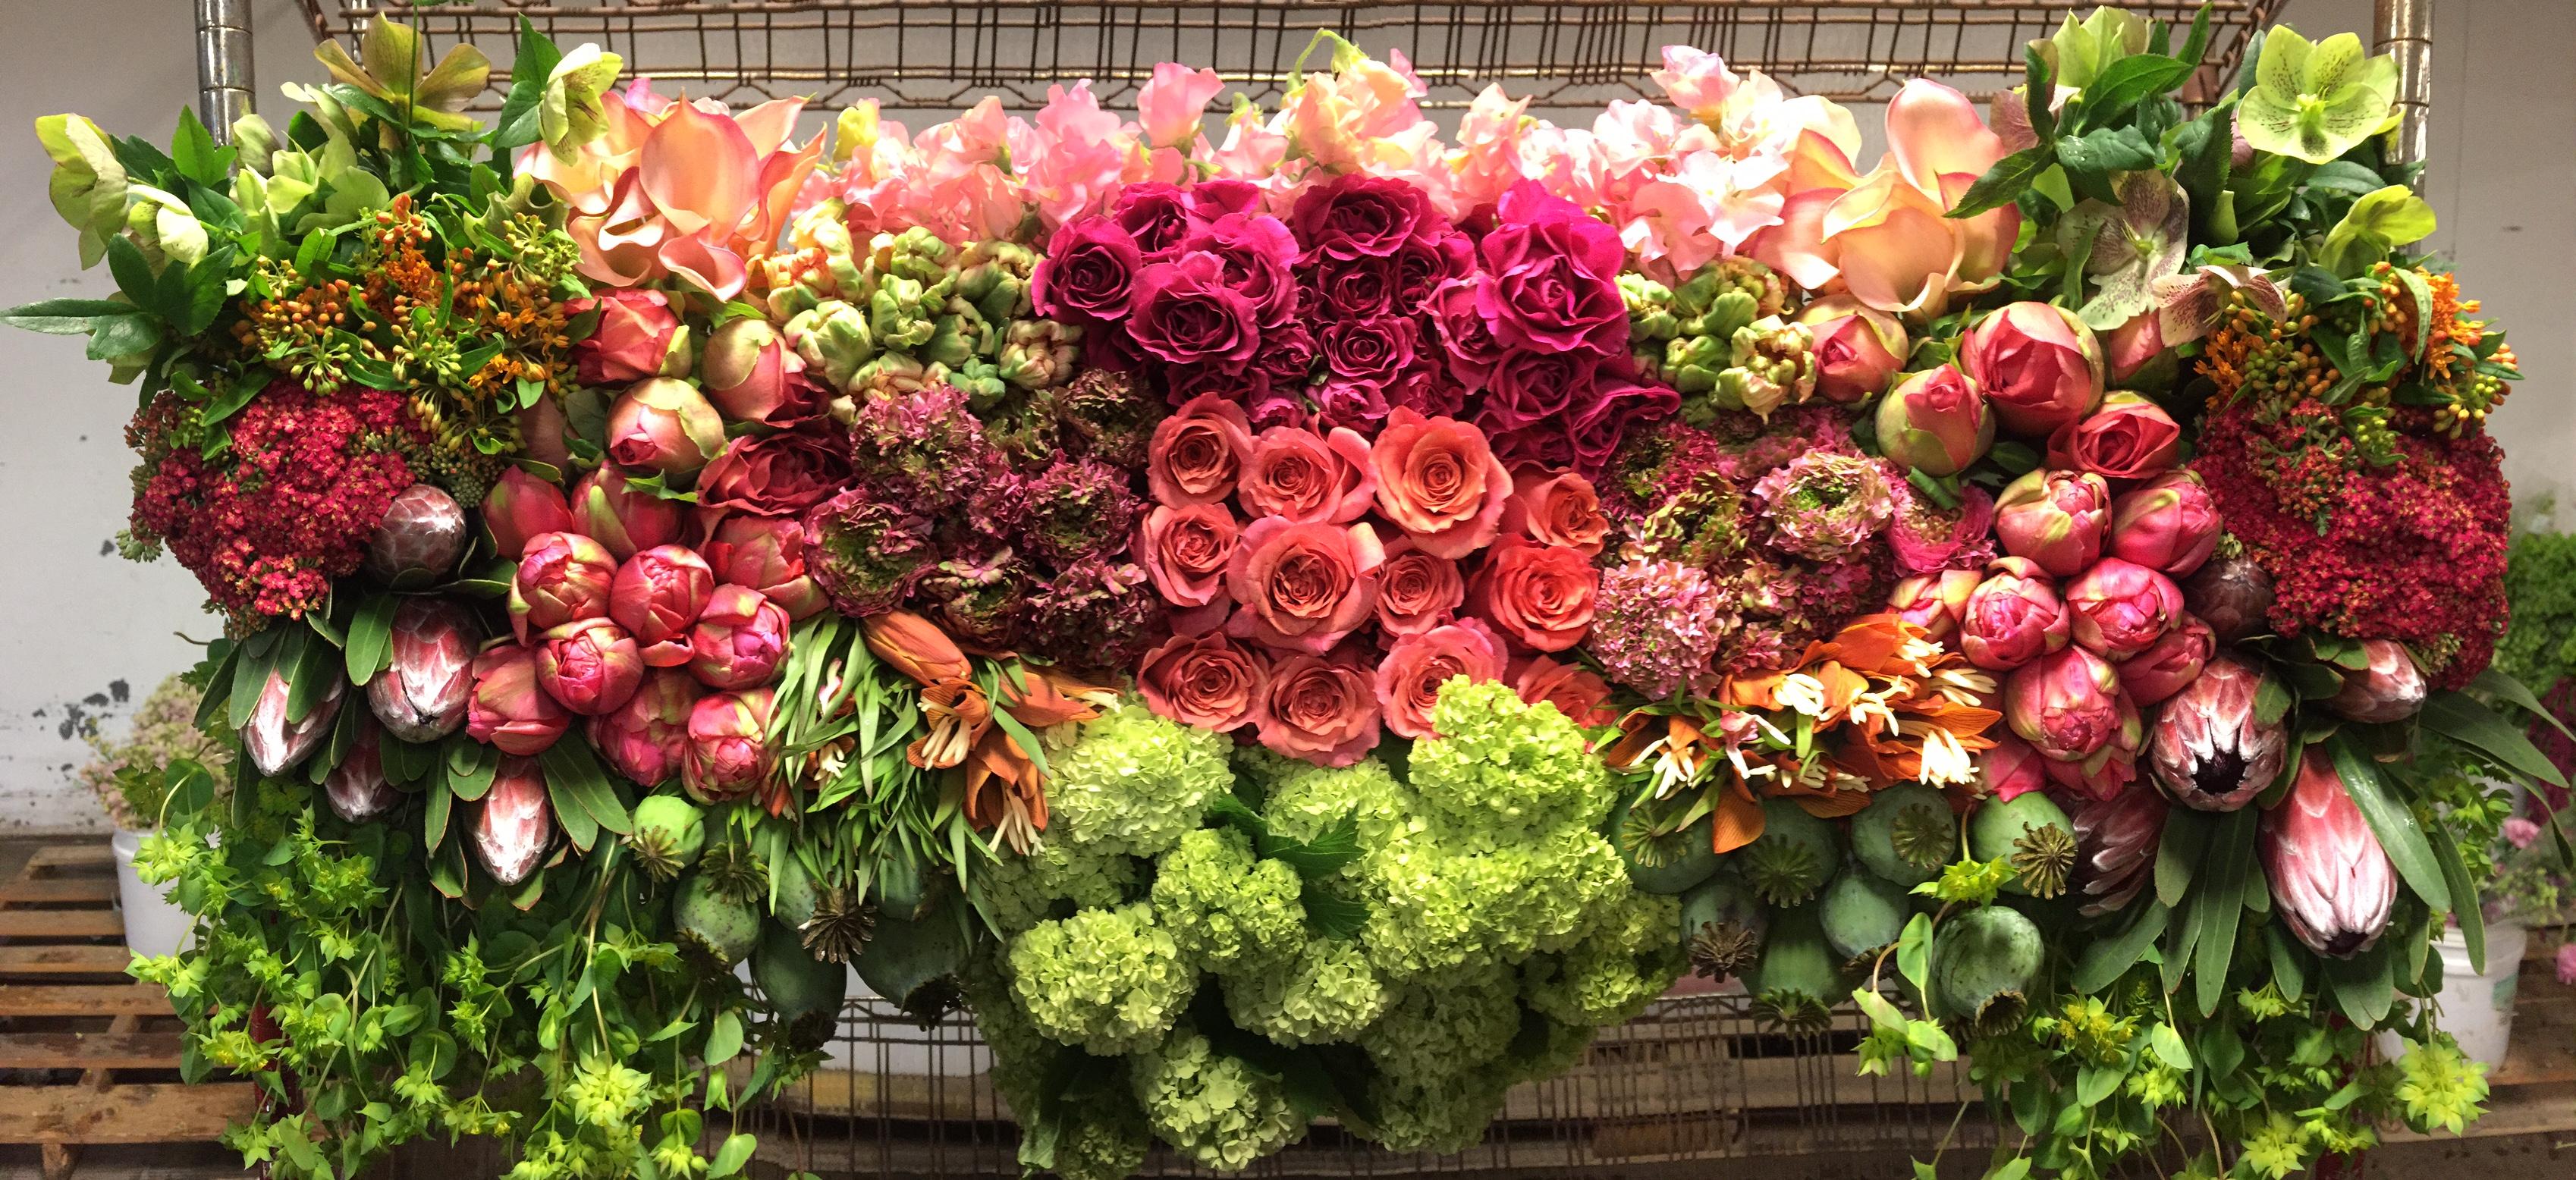 Special Occasion Flowers + Des Moines + Urbandale + Florist